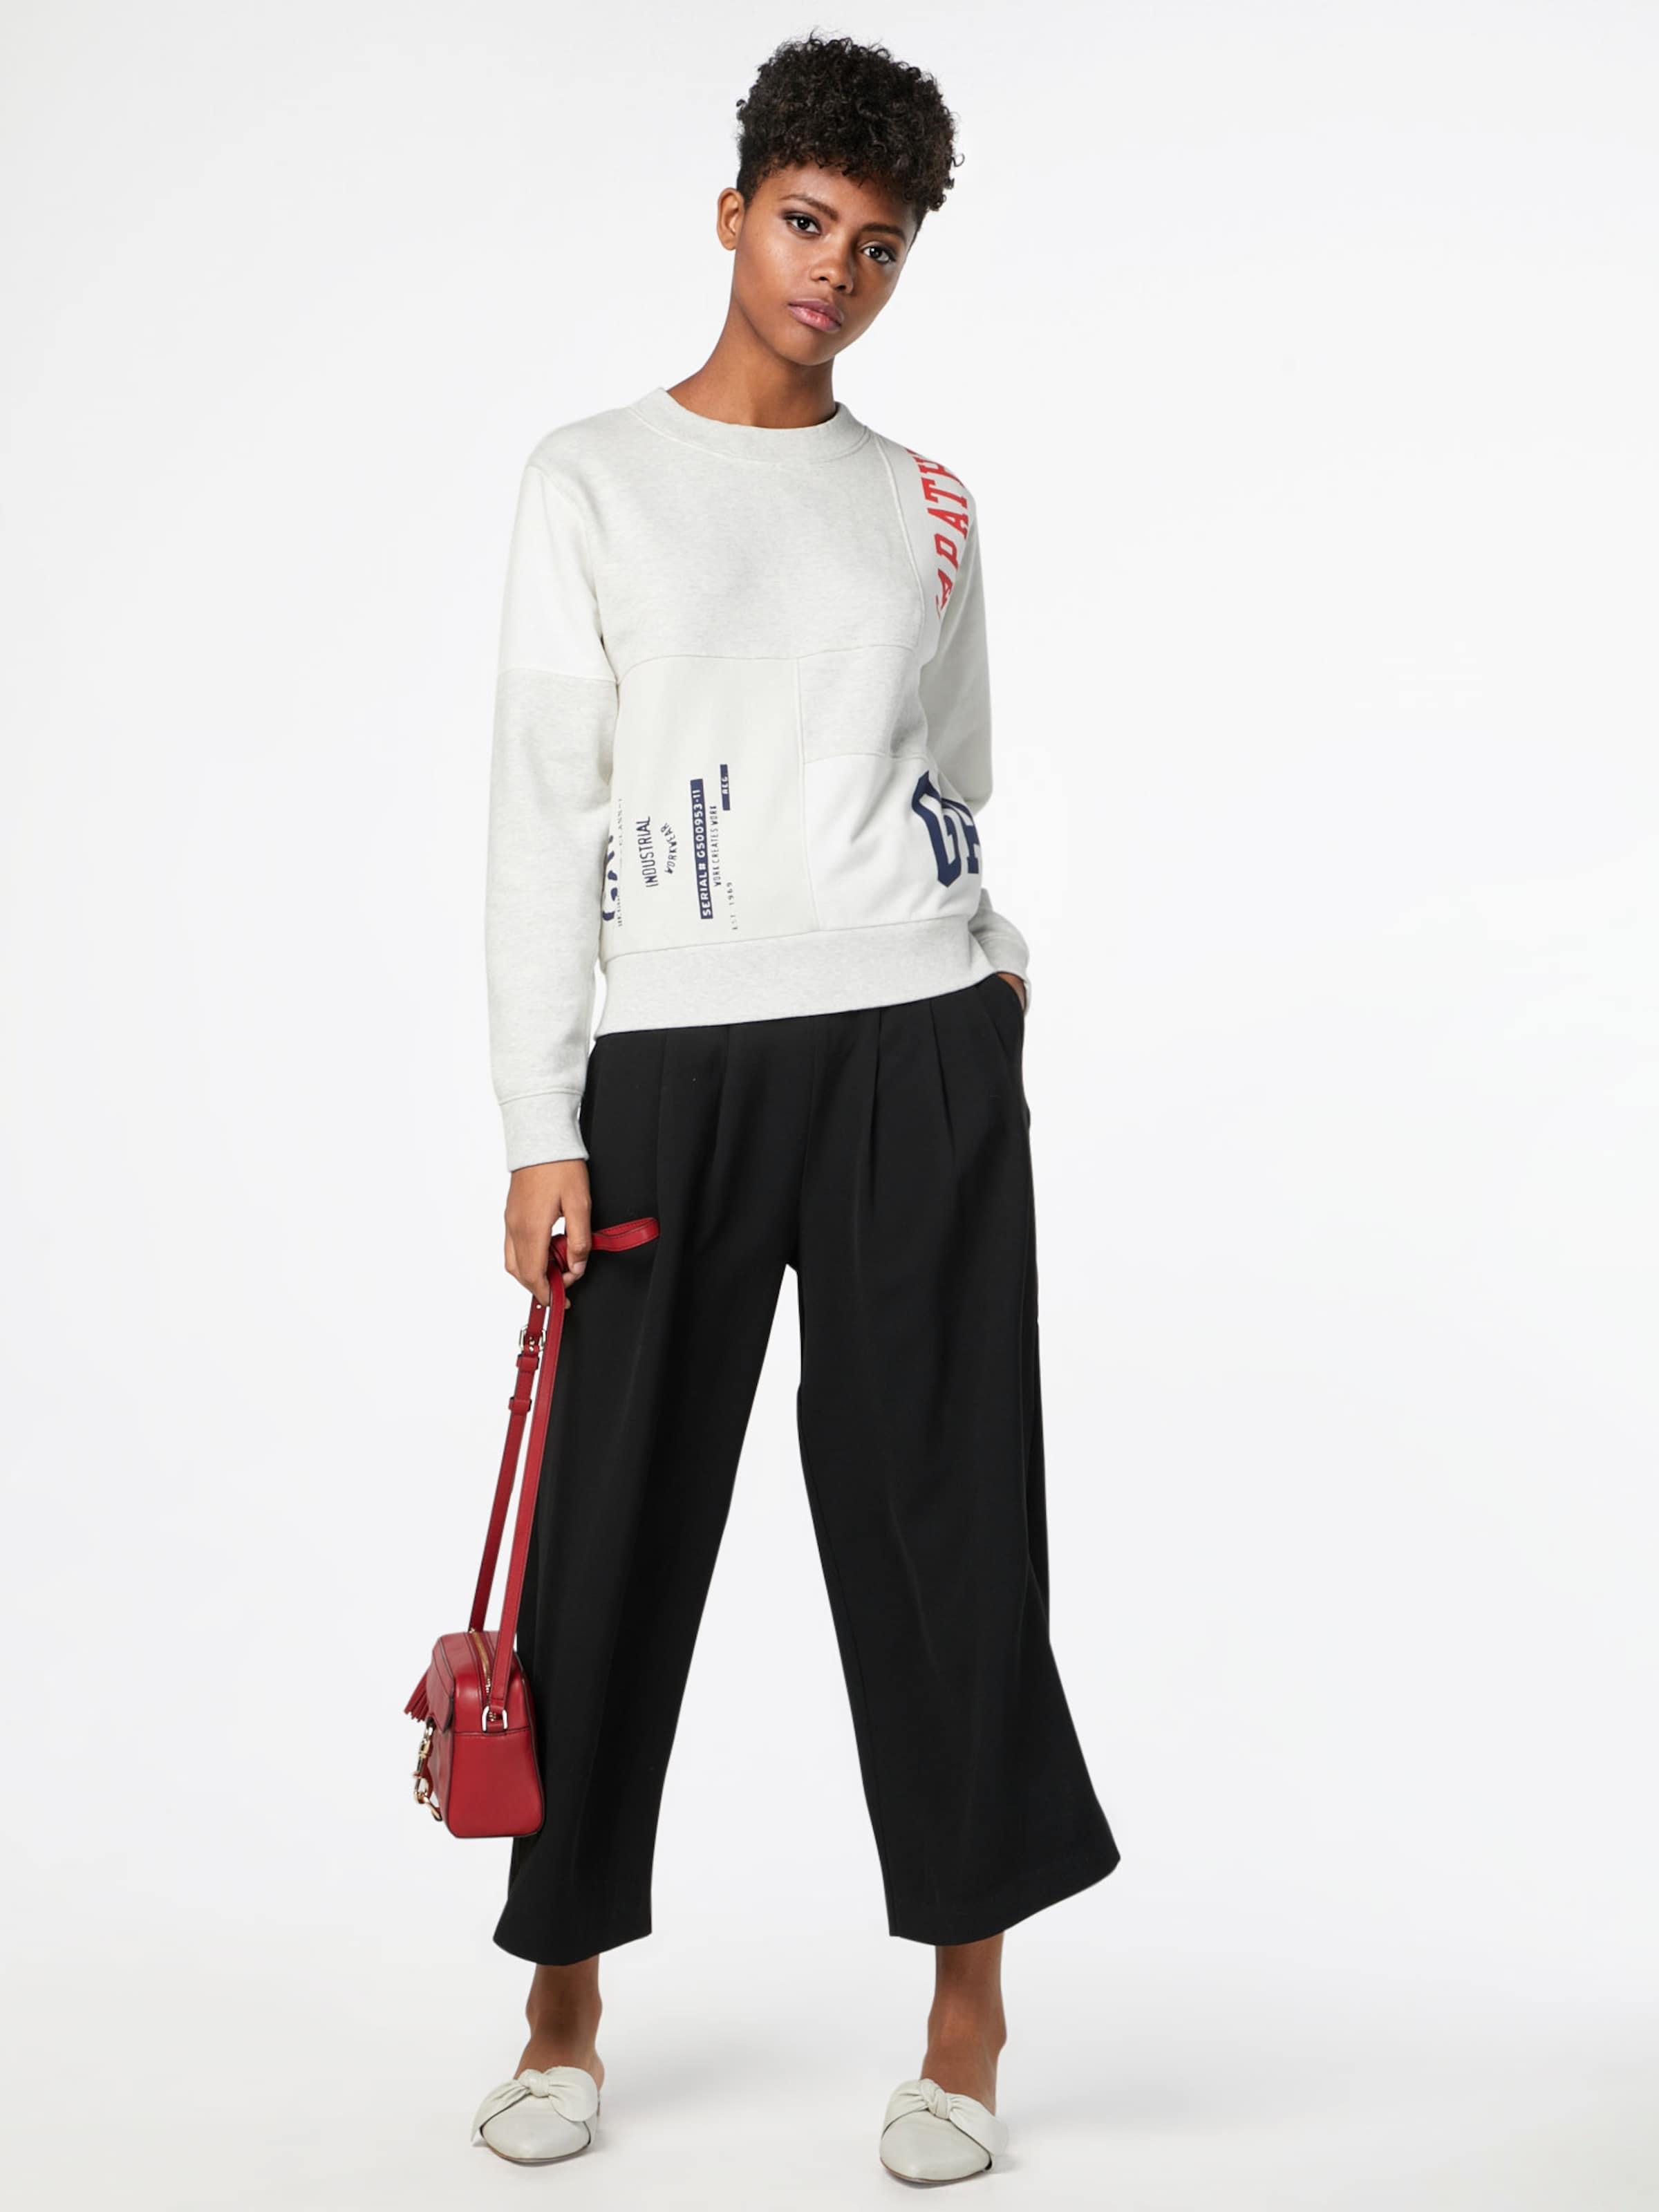 GAP Sweater Günstig Kaufen Billig Neue Art Und Weise Stil Günstig Kaufen Outlet hKWa53jv8p